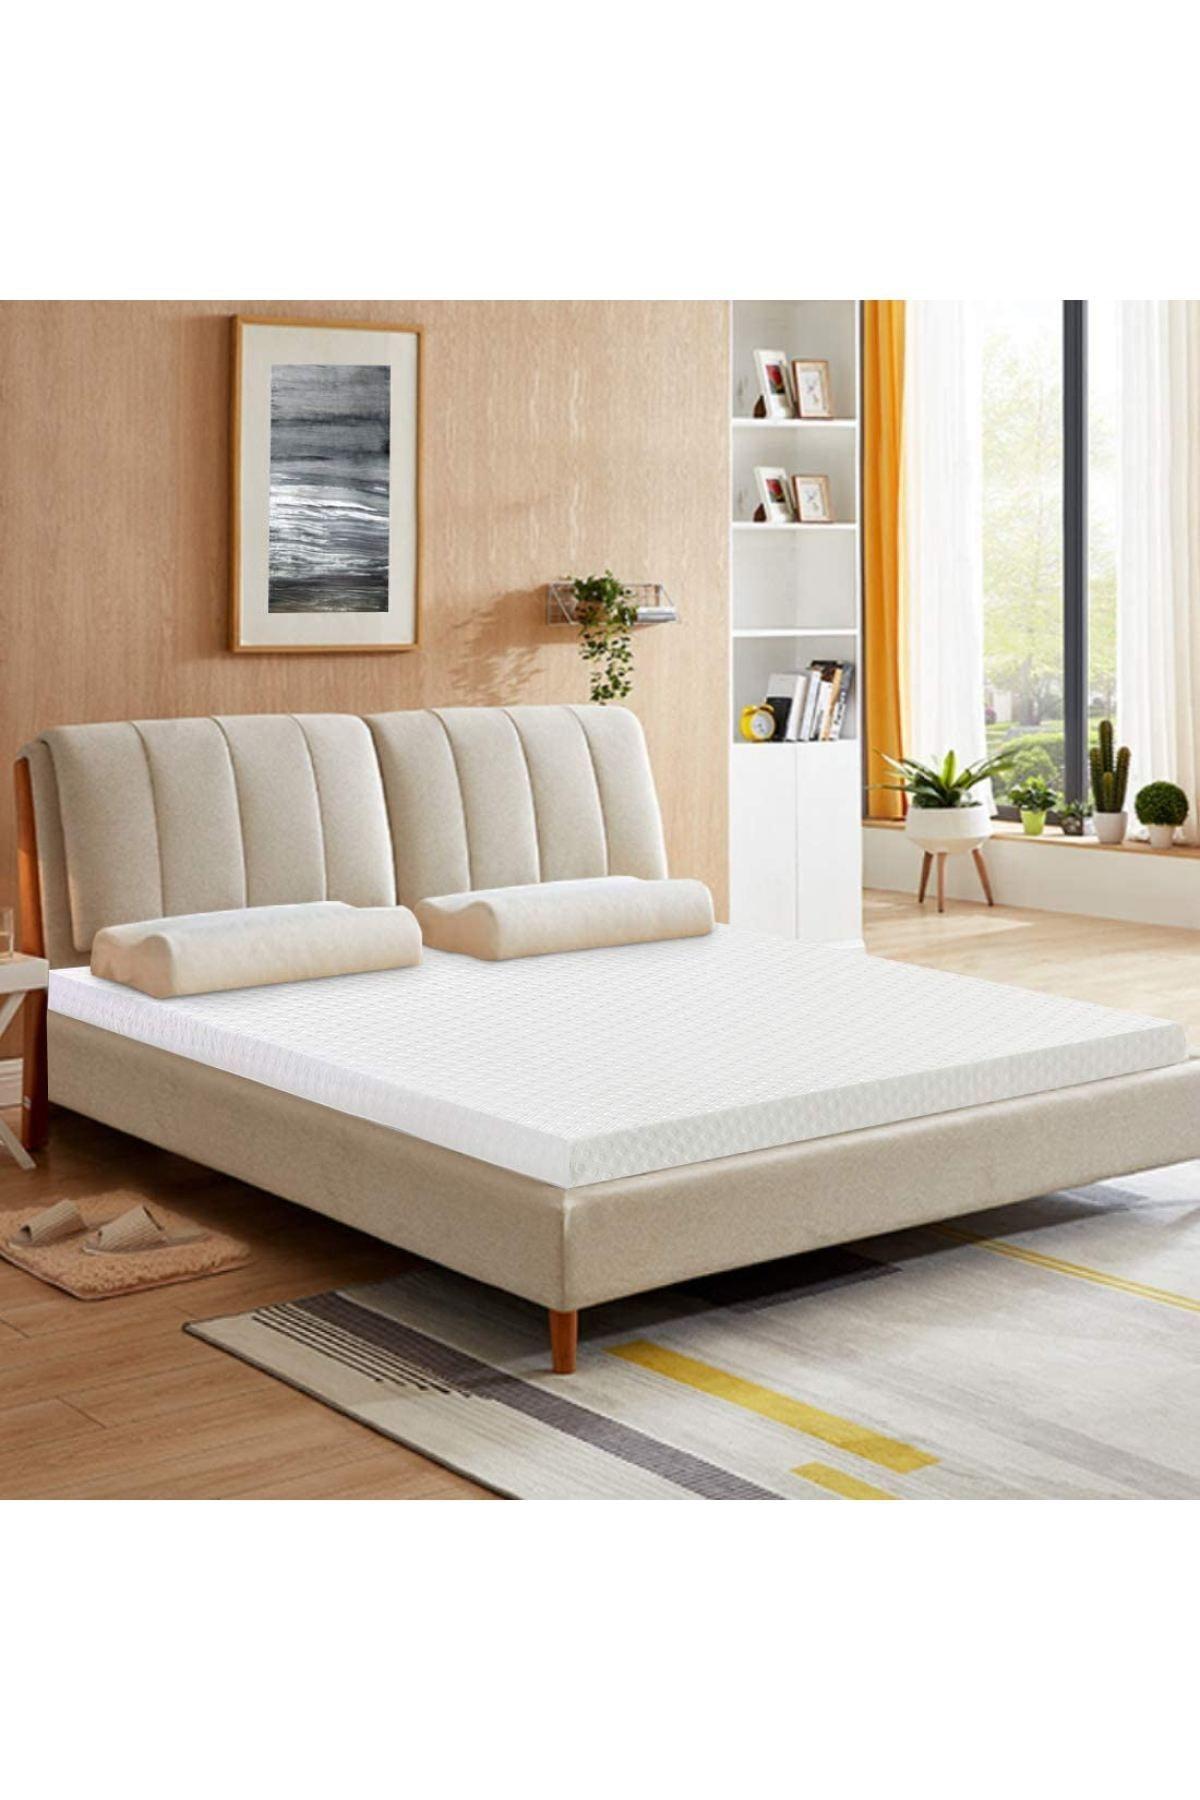 10 Cm Aleovera Hiber Soft Yatak Pedi & Yer Yatağı